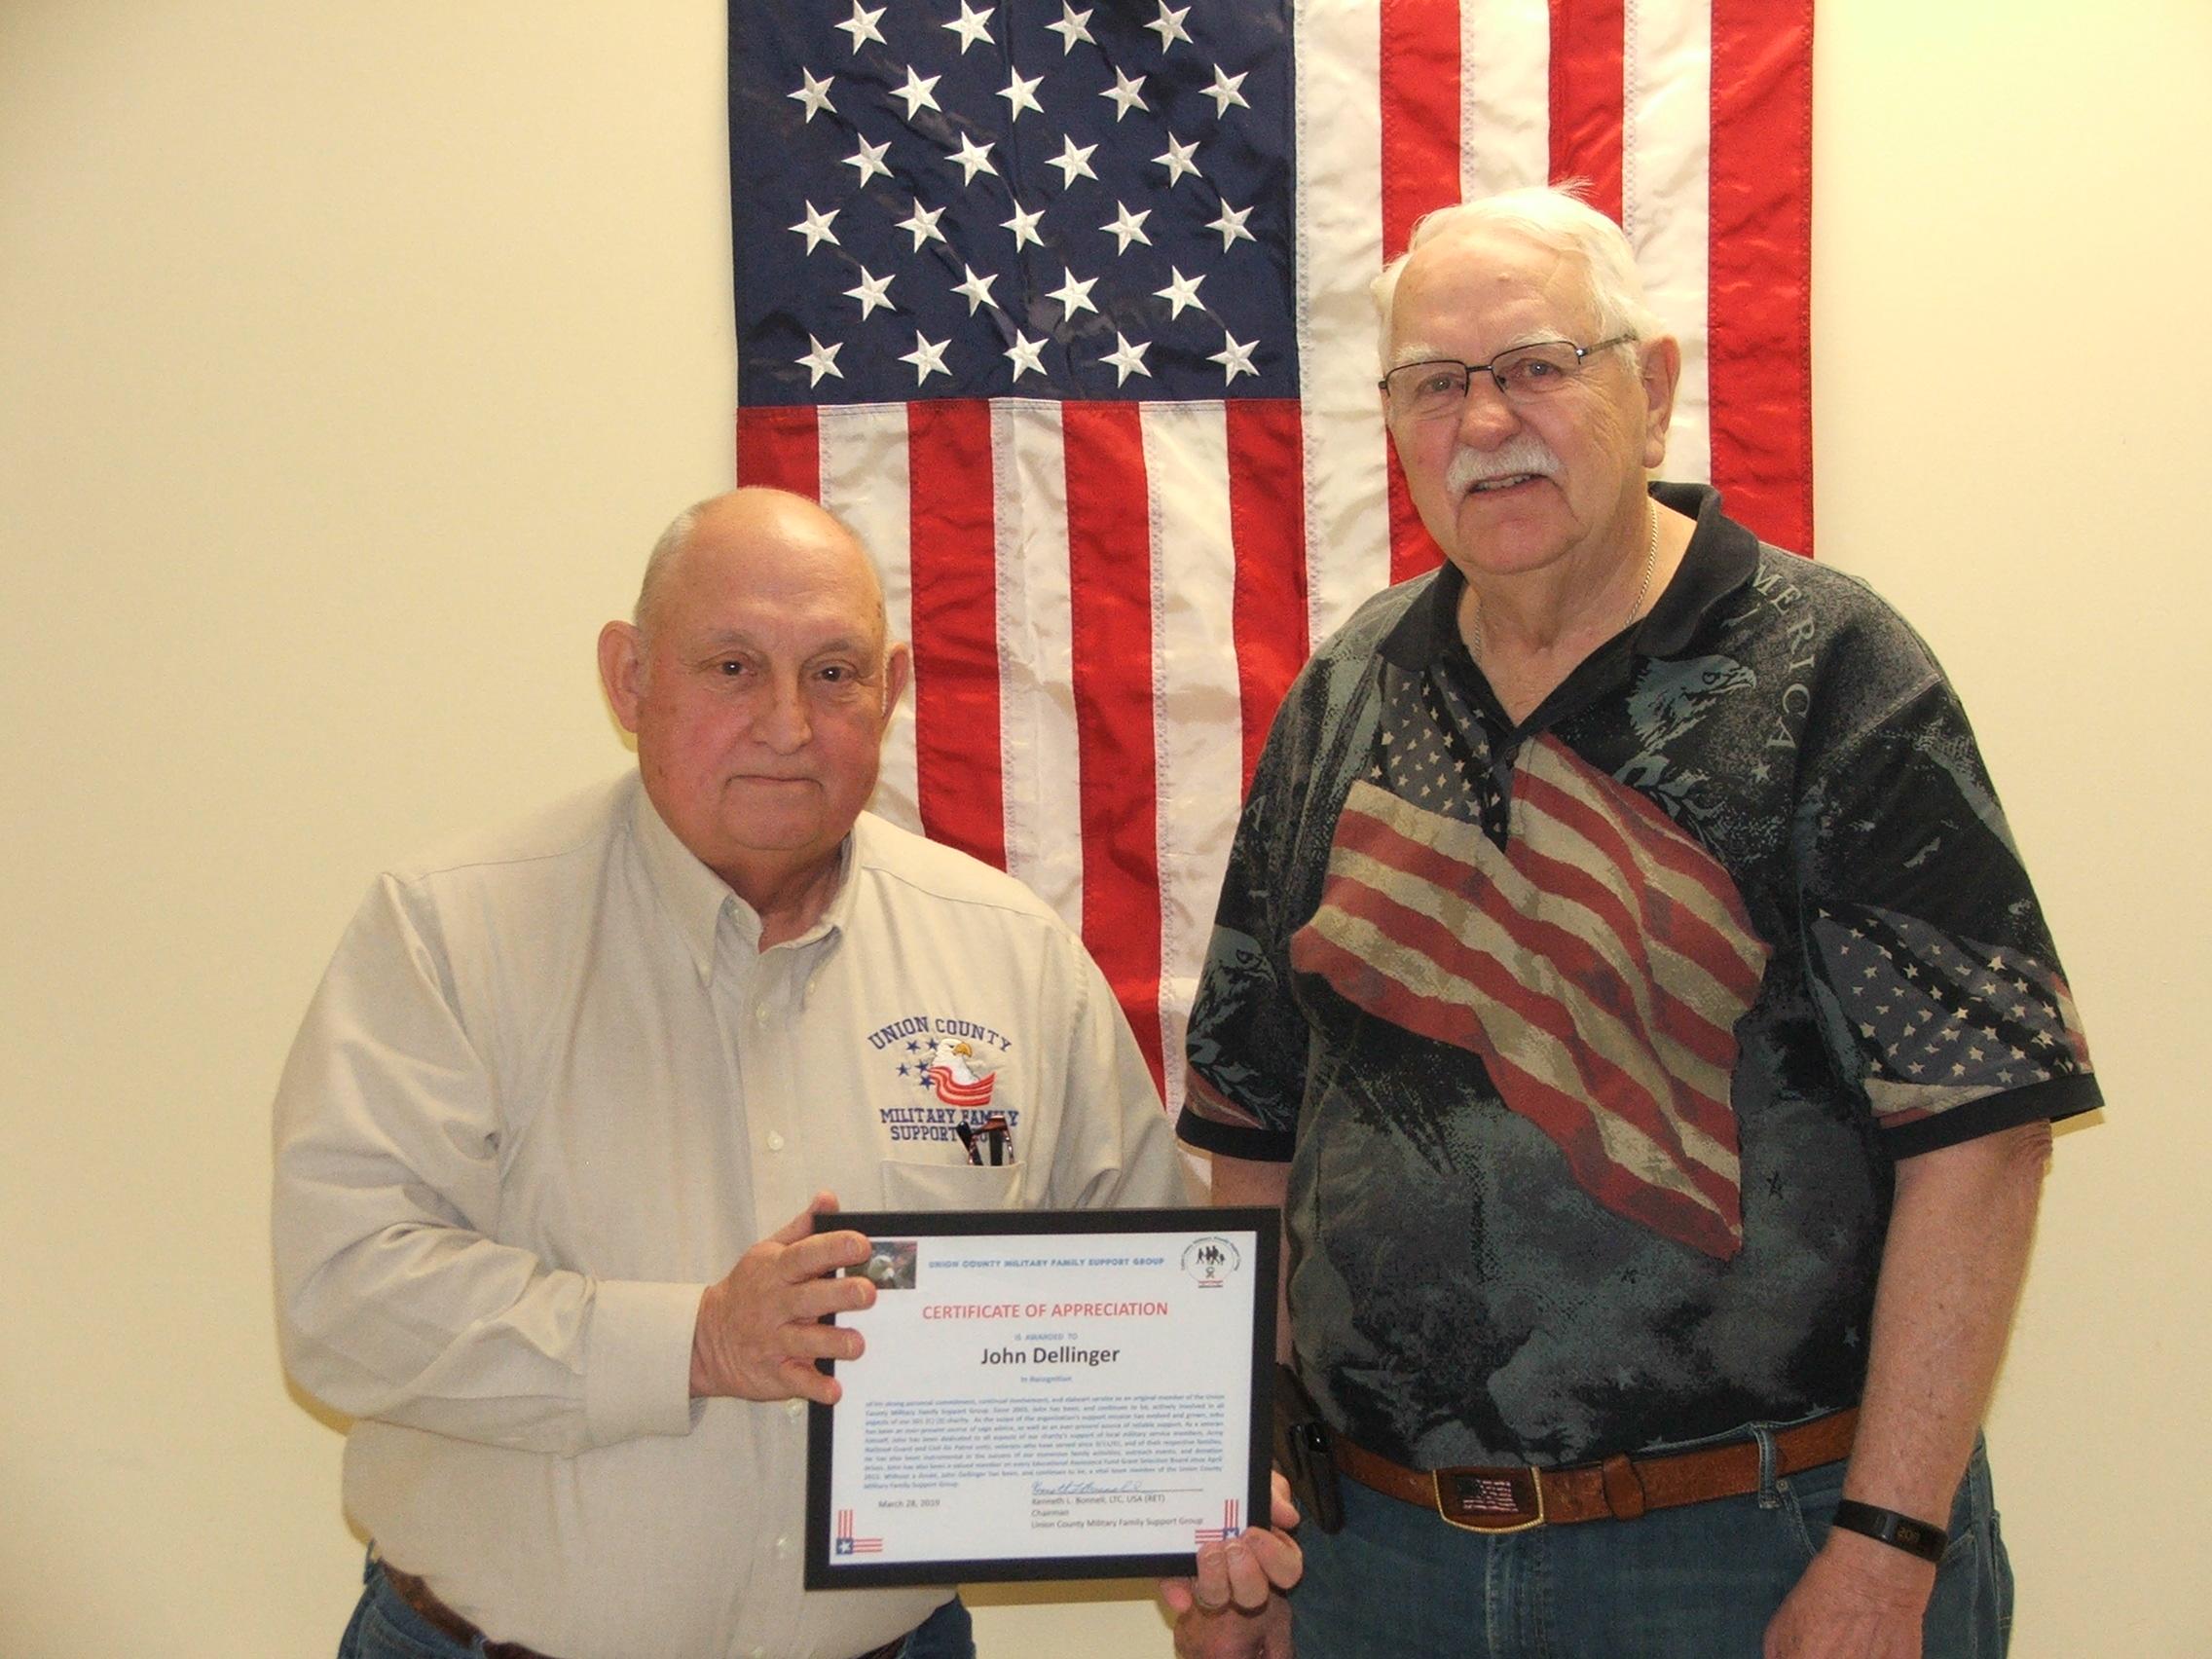 John Dellinger Award